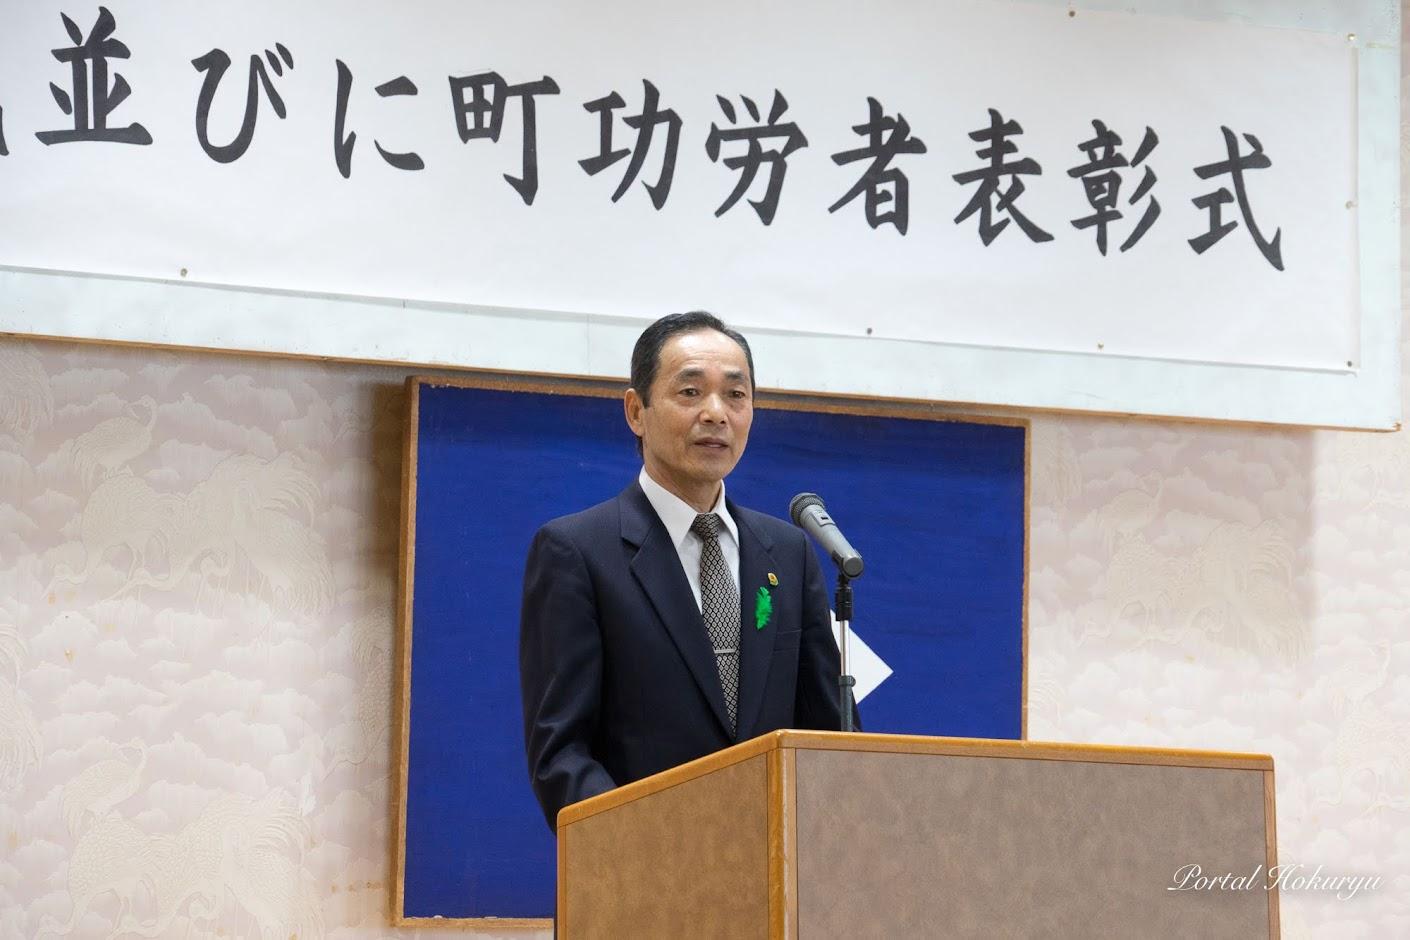 被表彰者代表・長谷川秀幸様